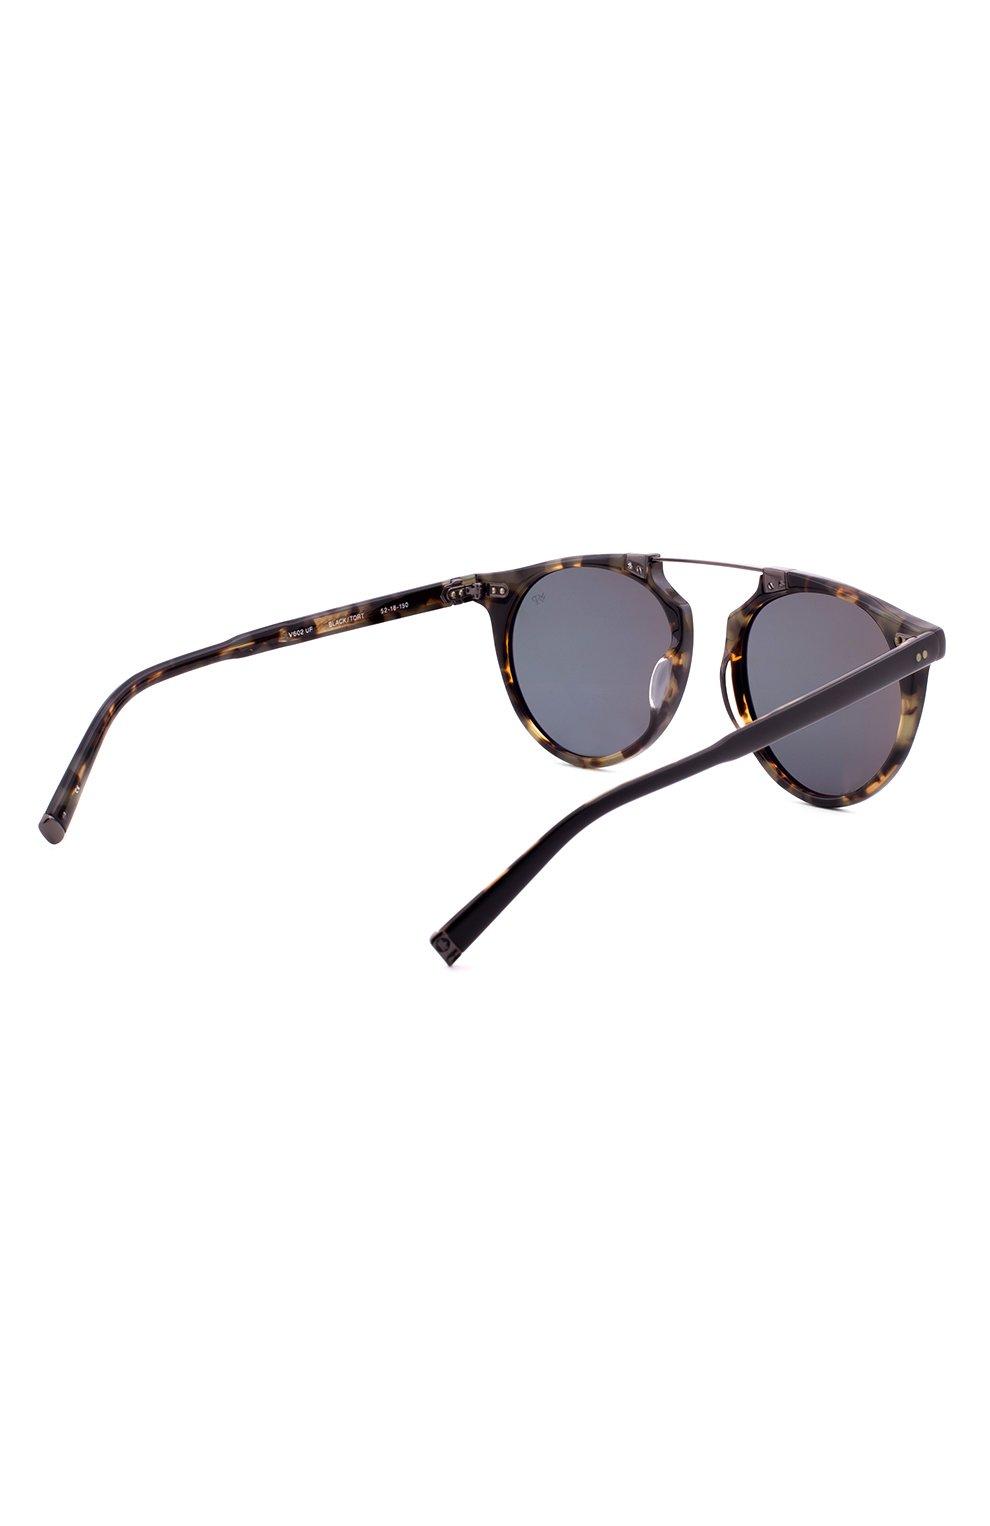 Женские солнцезащитные очки JOHN VARVATOS черного цвета, арт. V602 UF BLK/T0RT   Фото 3